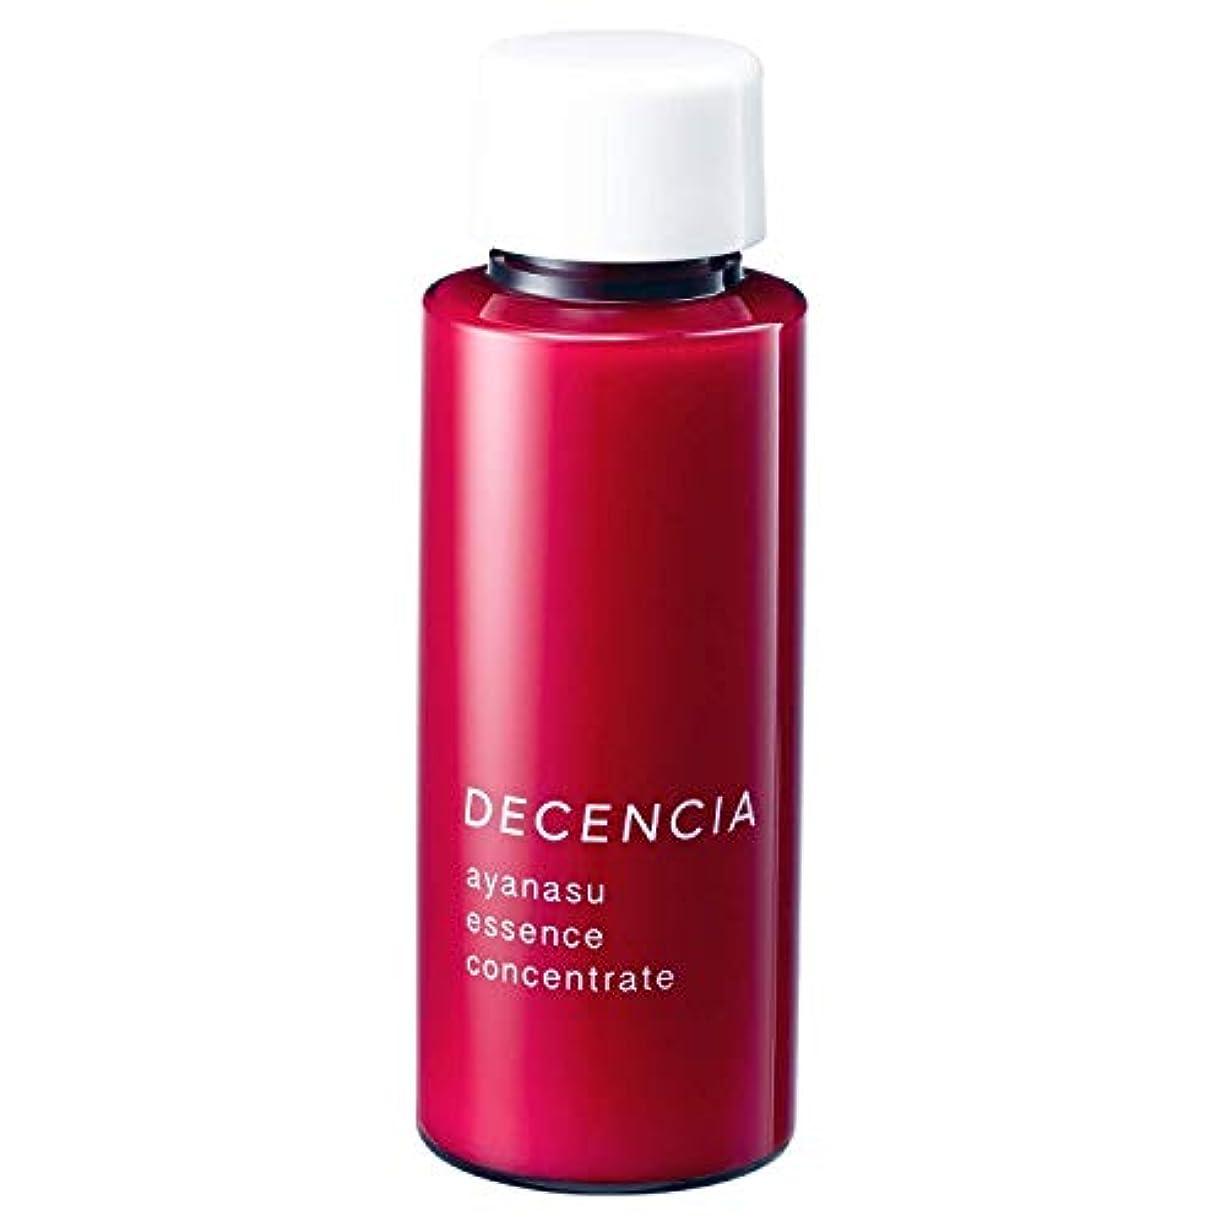 決定的賢明な特徴づけるDECENCIA(ディセンシア) 【乾燥?敏感肌用美容液】アヤナス エッセンス コンセントレート リフィル 36mL